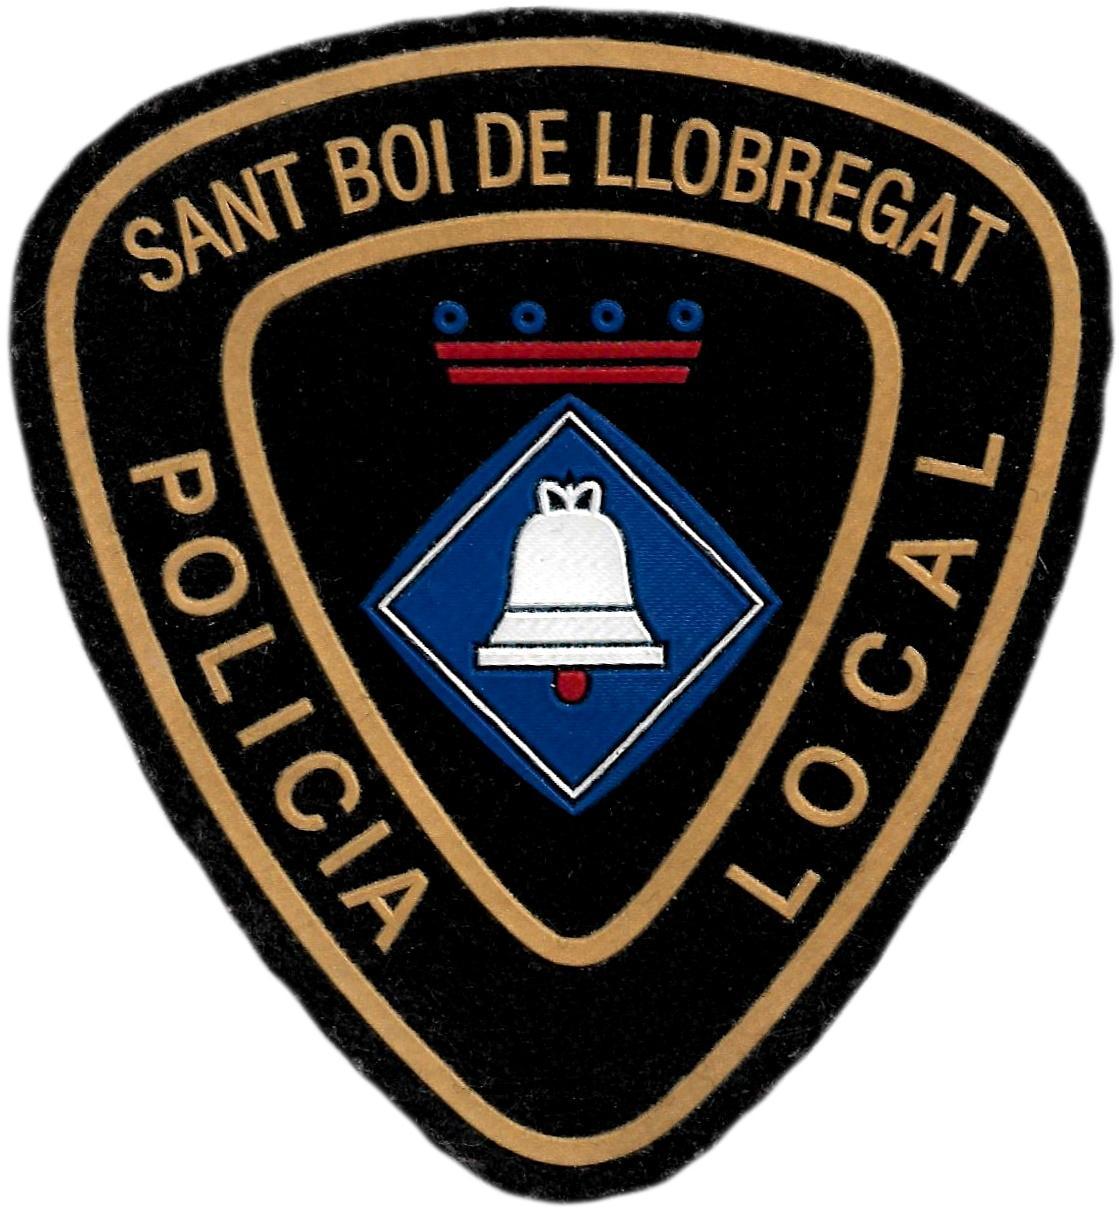 Policía local Sant Boi de Llobregat parche insignia emblema distintivo